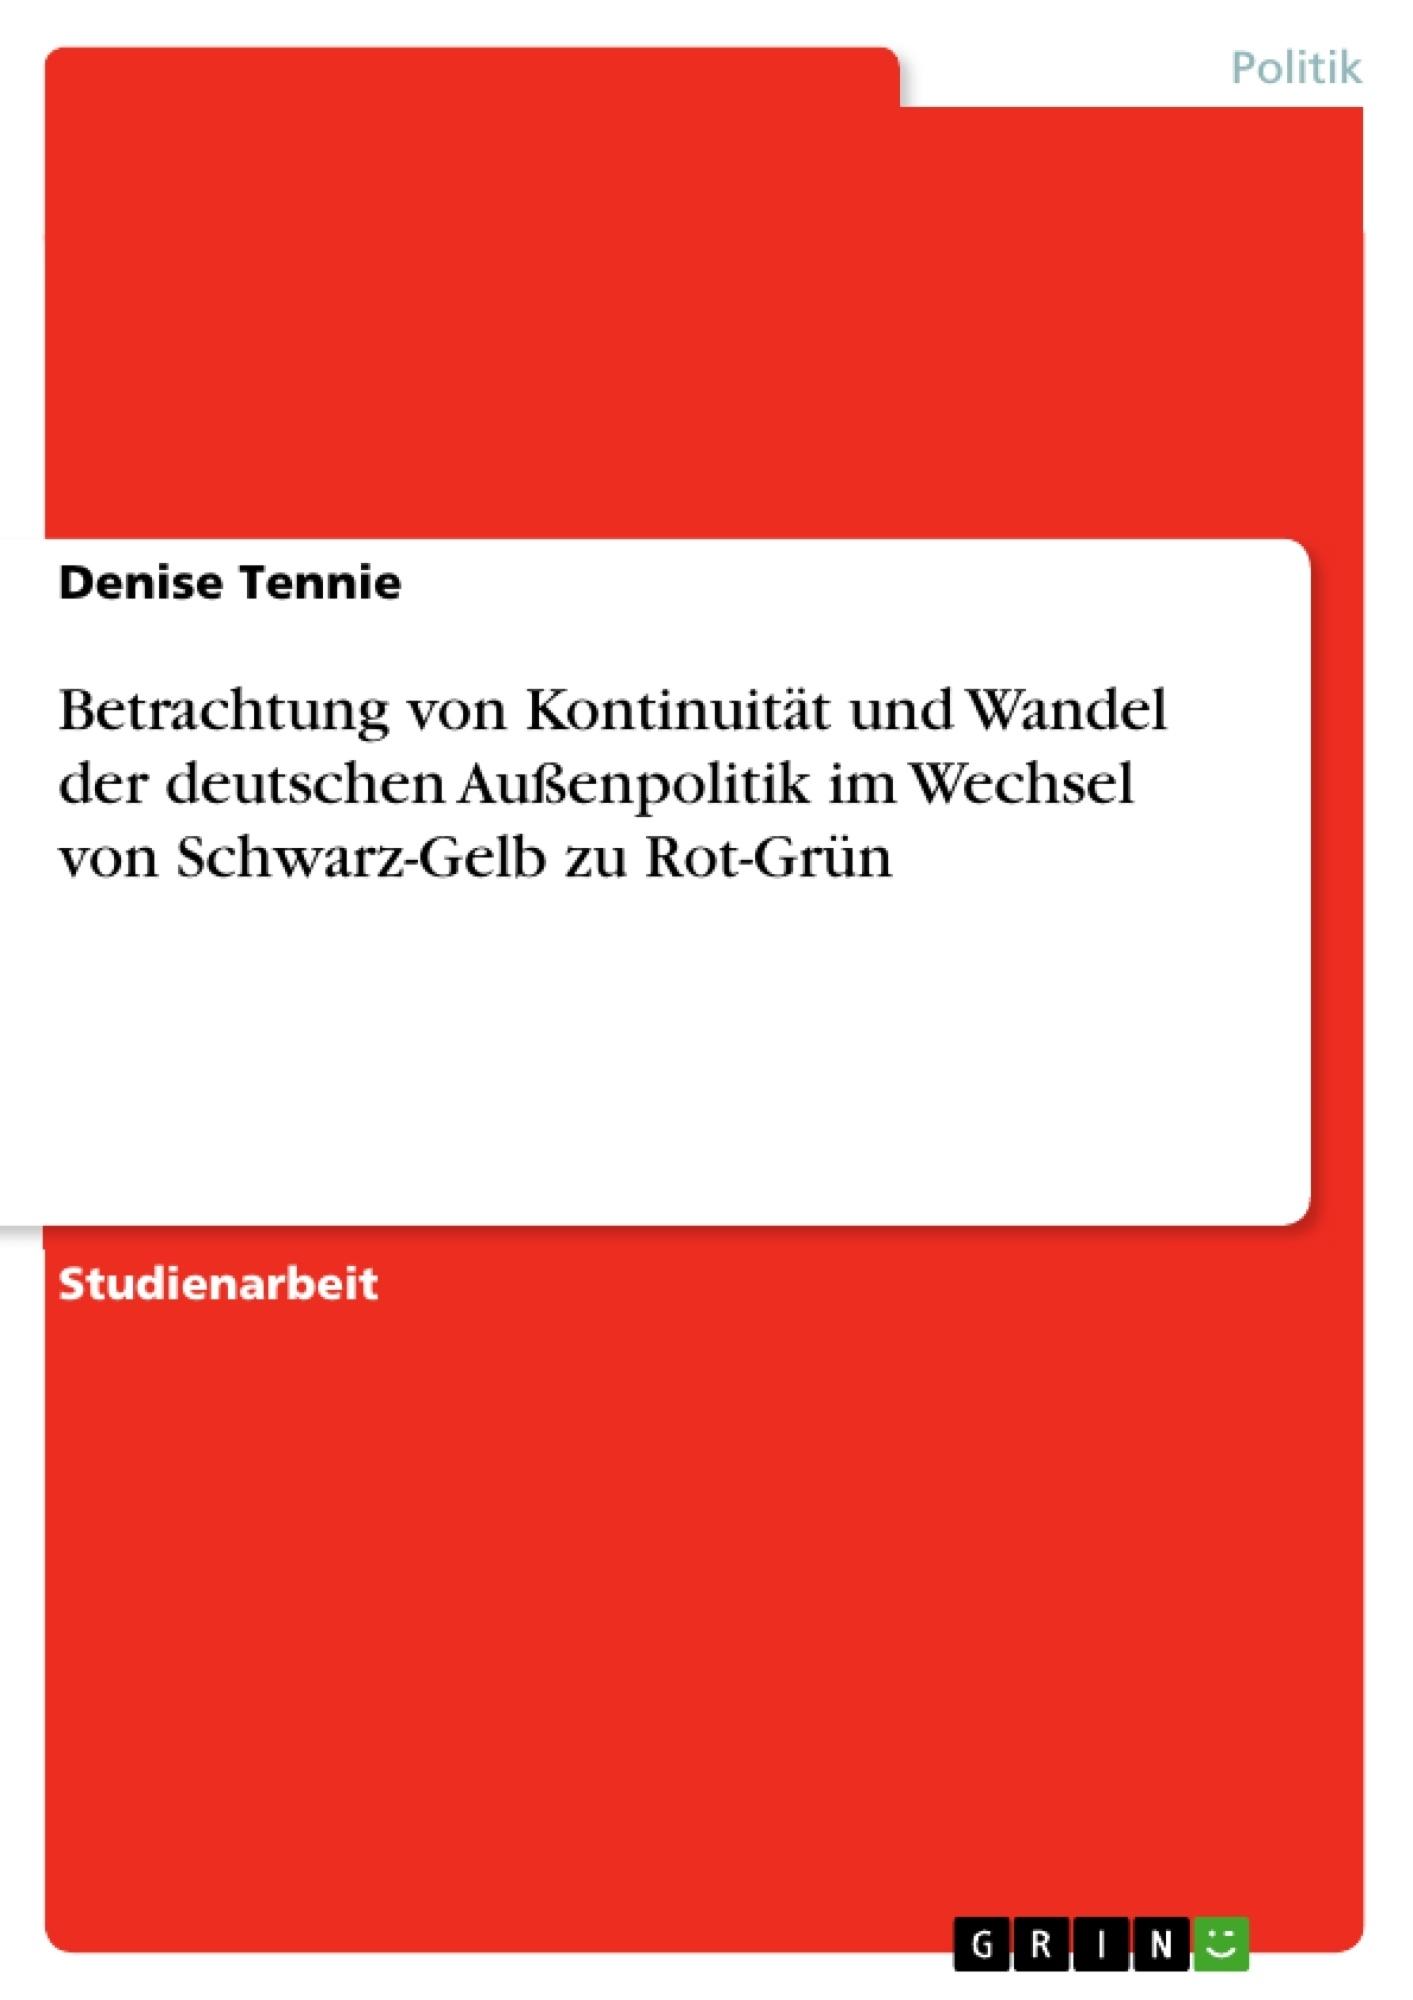 Titel: Betrachtung von Kontinuität und Wandel der deutschen Außenpolitik im Wechsel von Schwarz-Gelb zu Rot-Grün